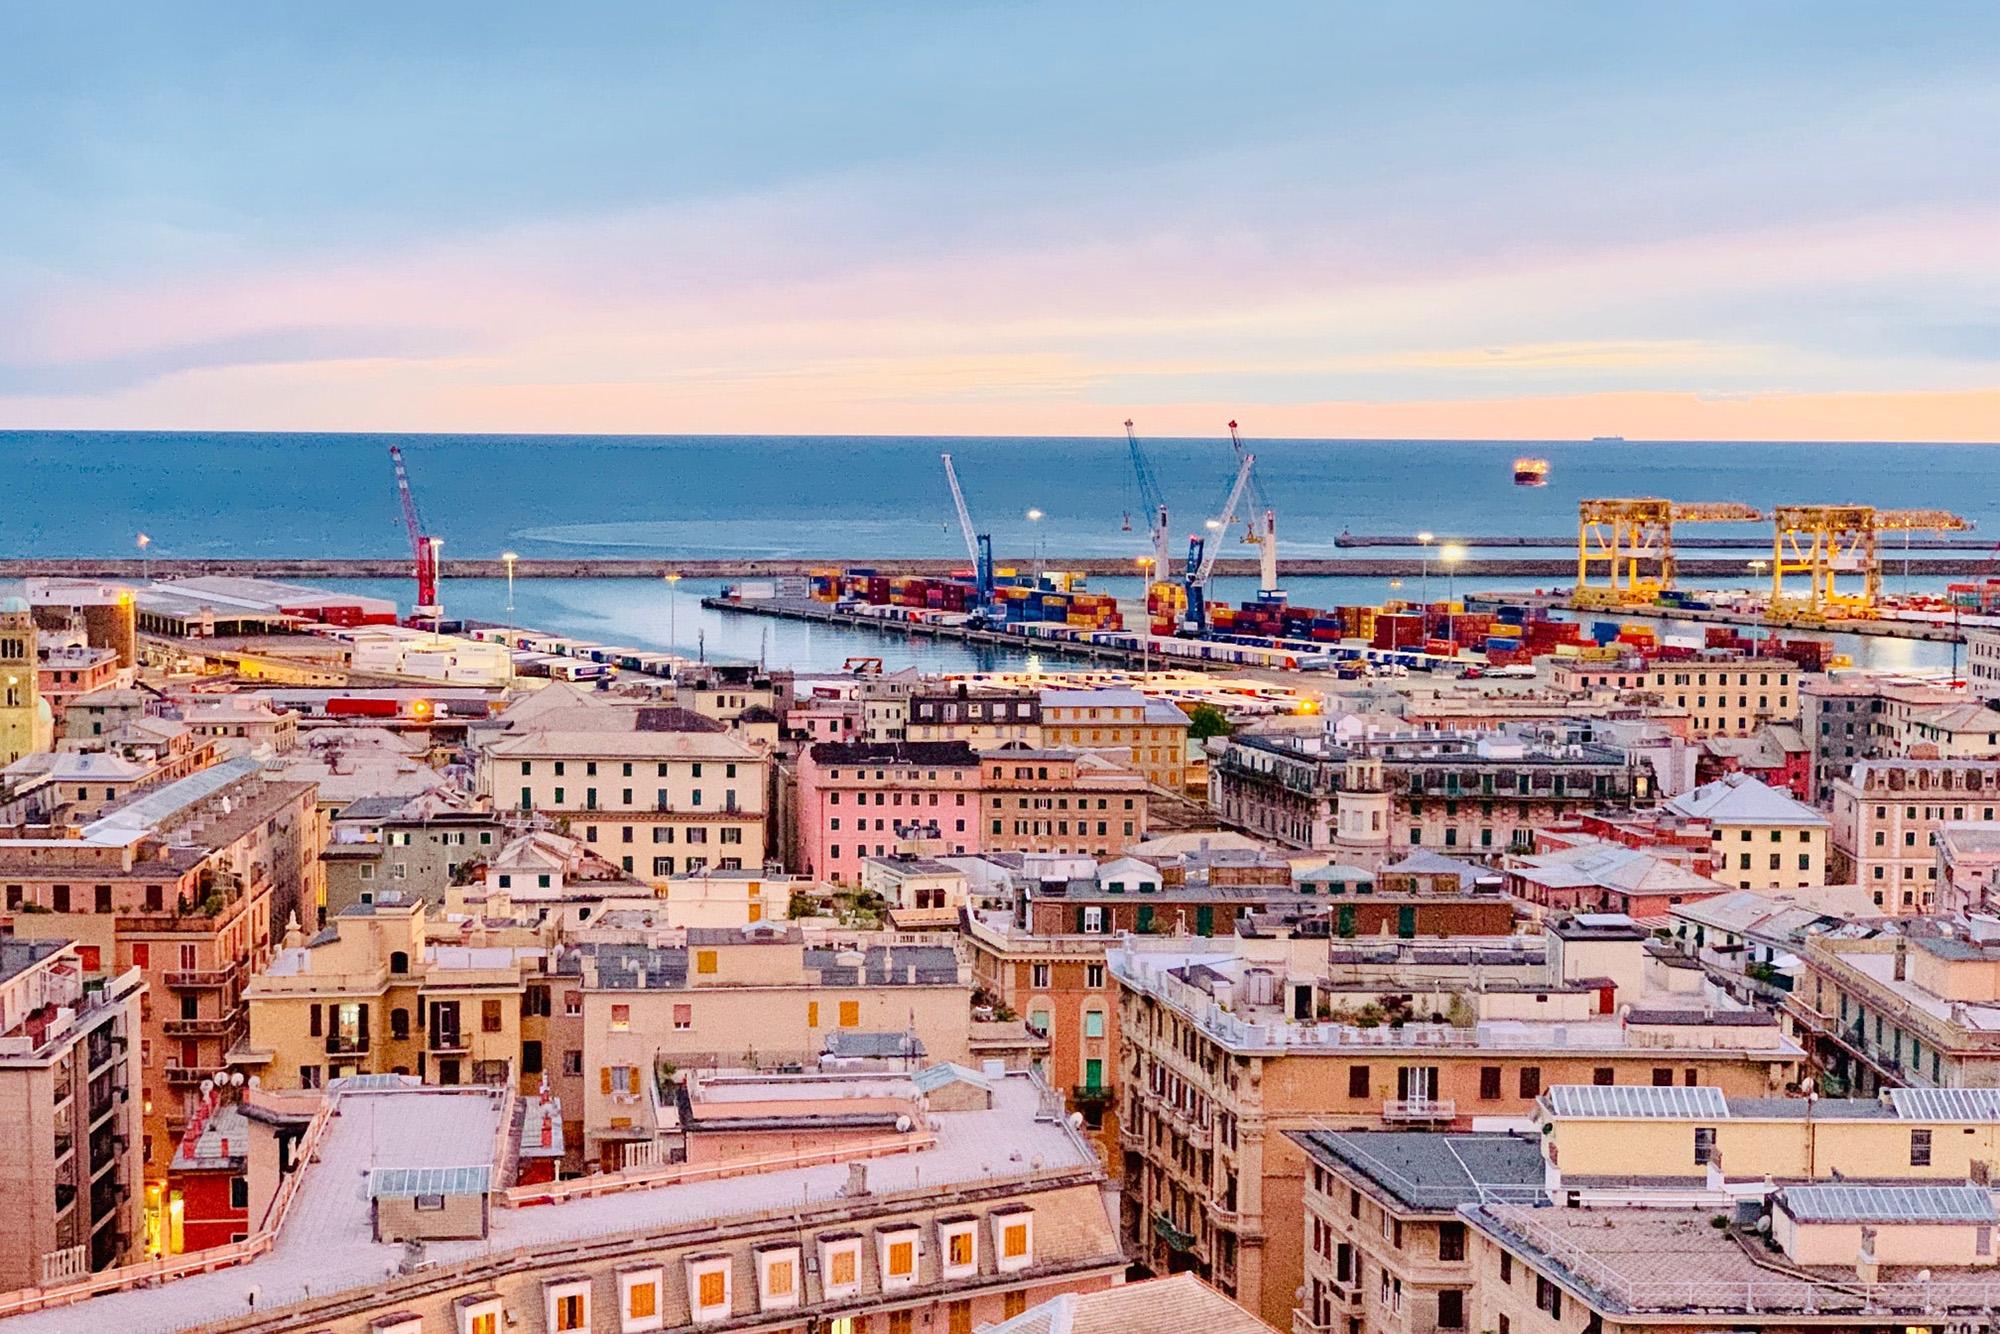 Visiter Gênes sans voiture : infos, coûts et conseils